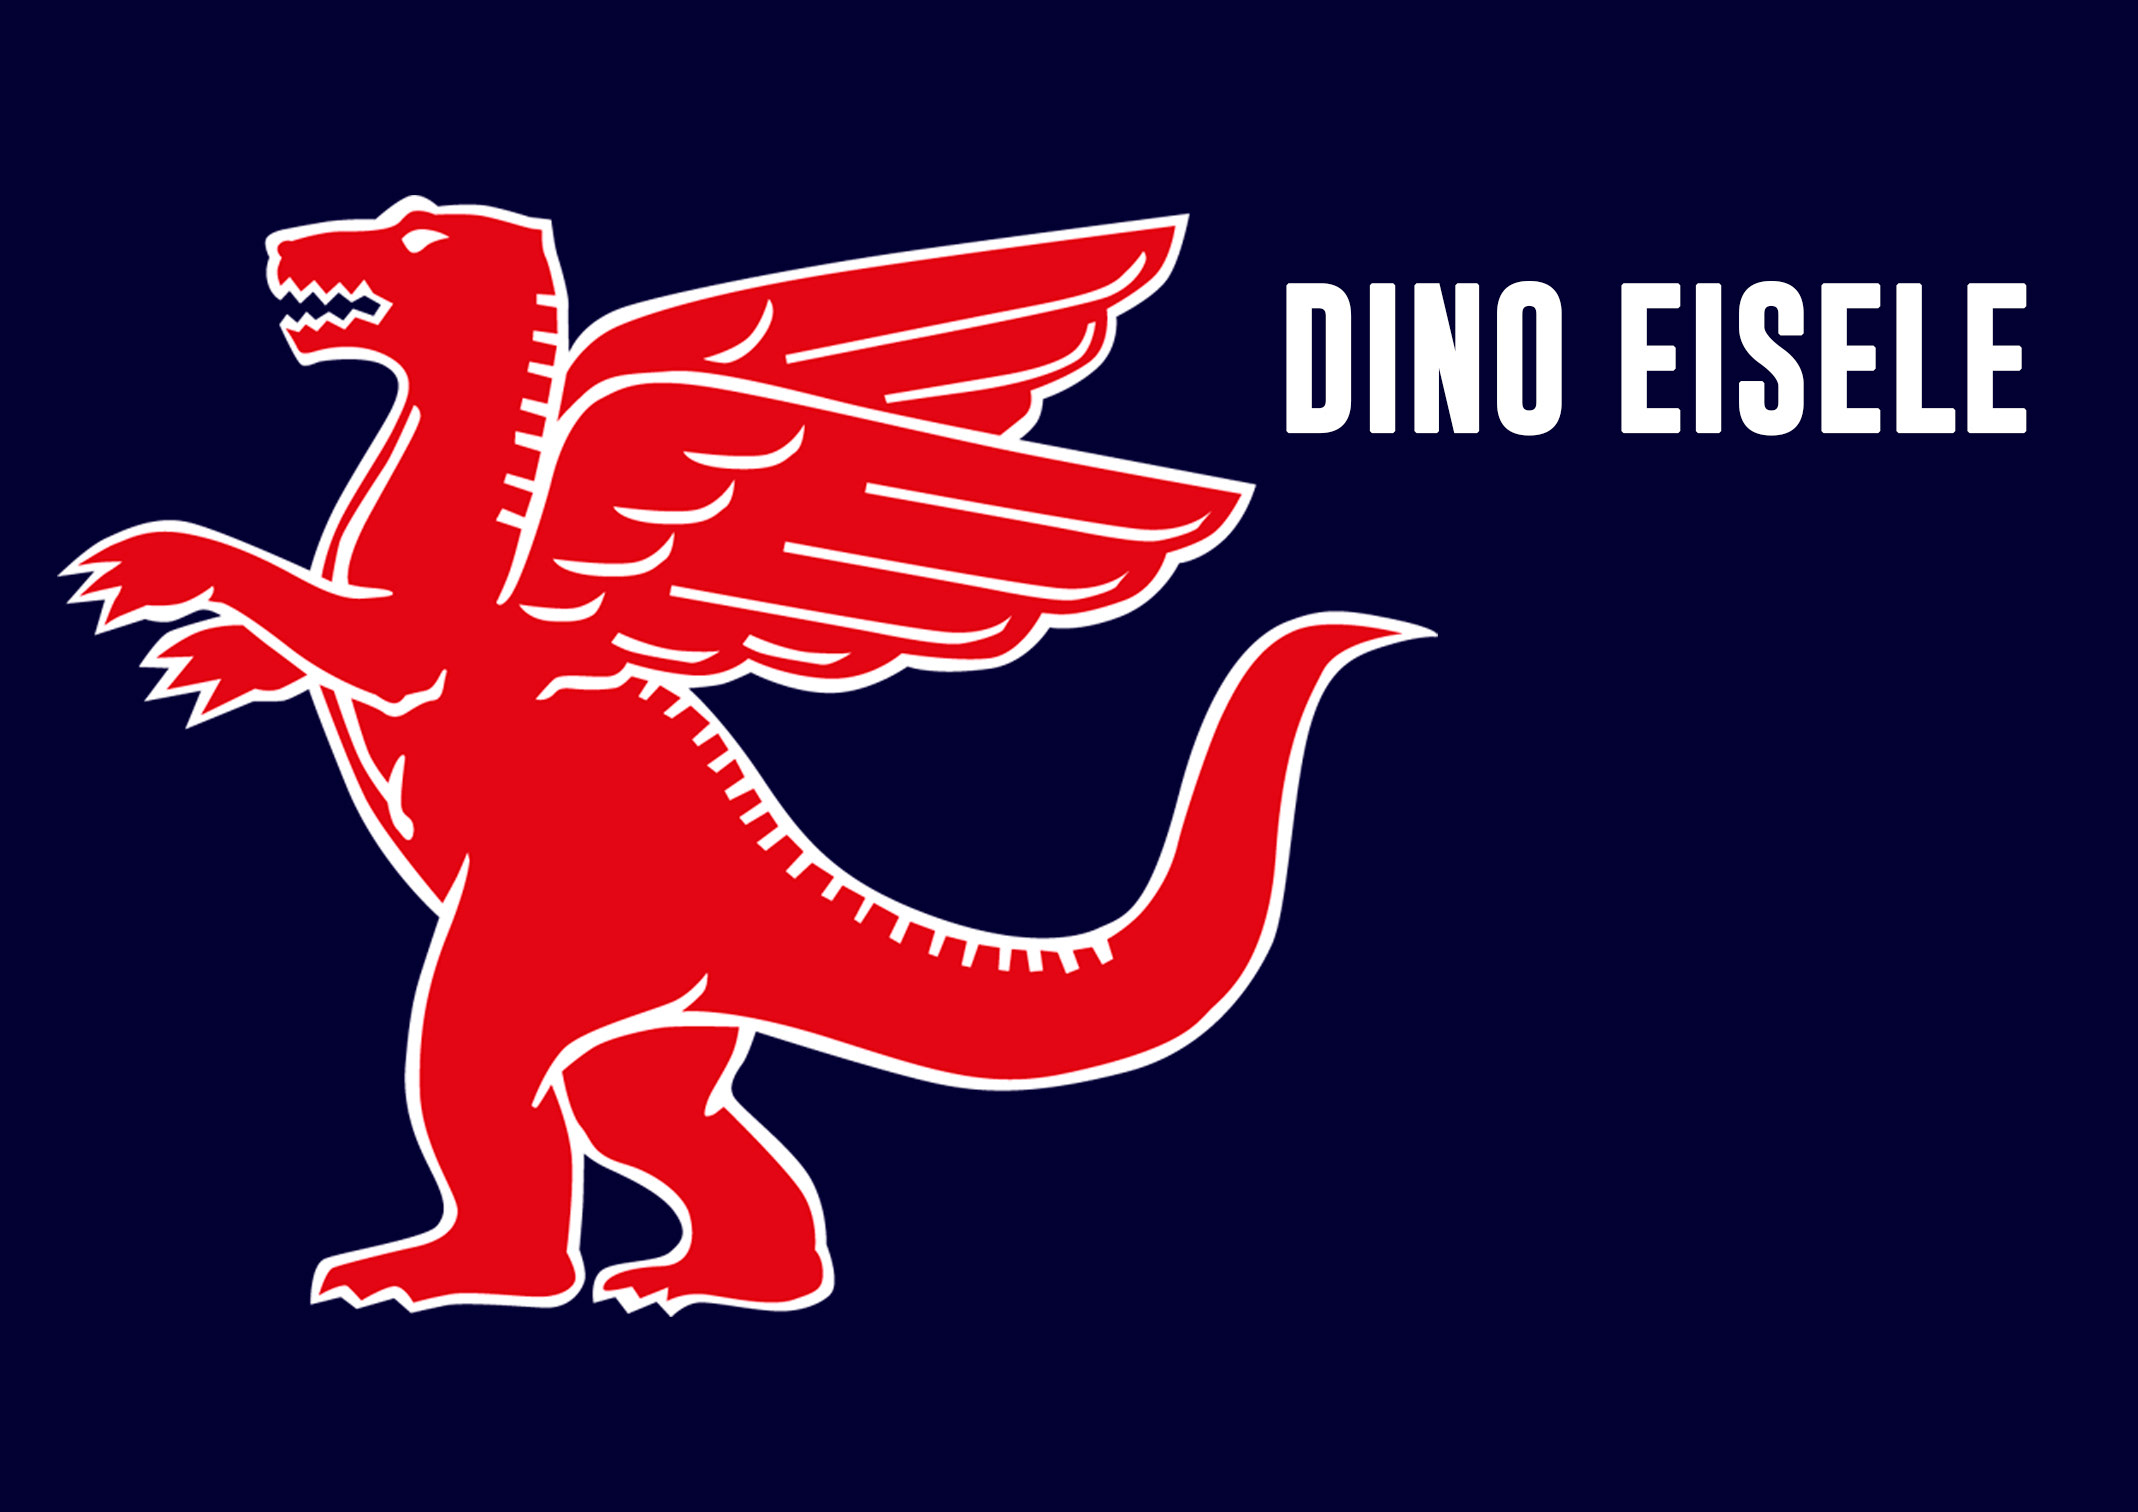 Dino Eisele